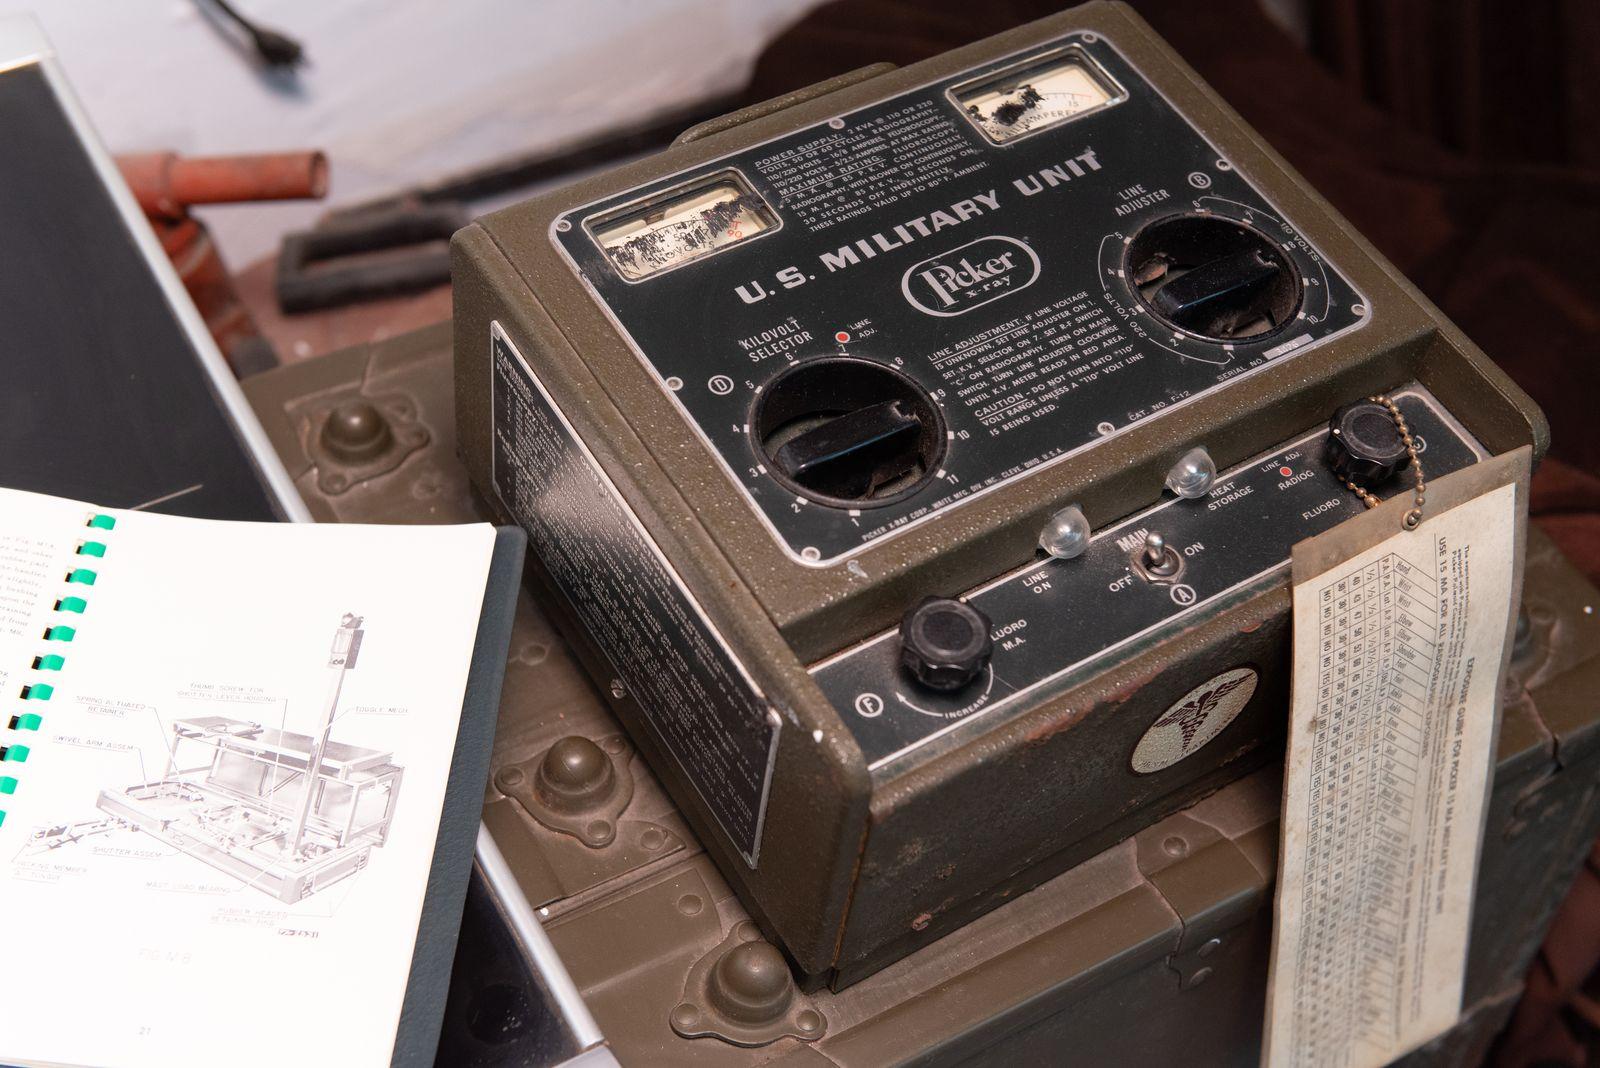 Muzei77_Устройство към рентгенографски и флоуороскопски апарат, произведено през 1957г. в САЩ от Picer X-rey corp., предназначен за Американската армия